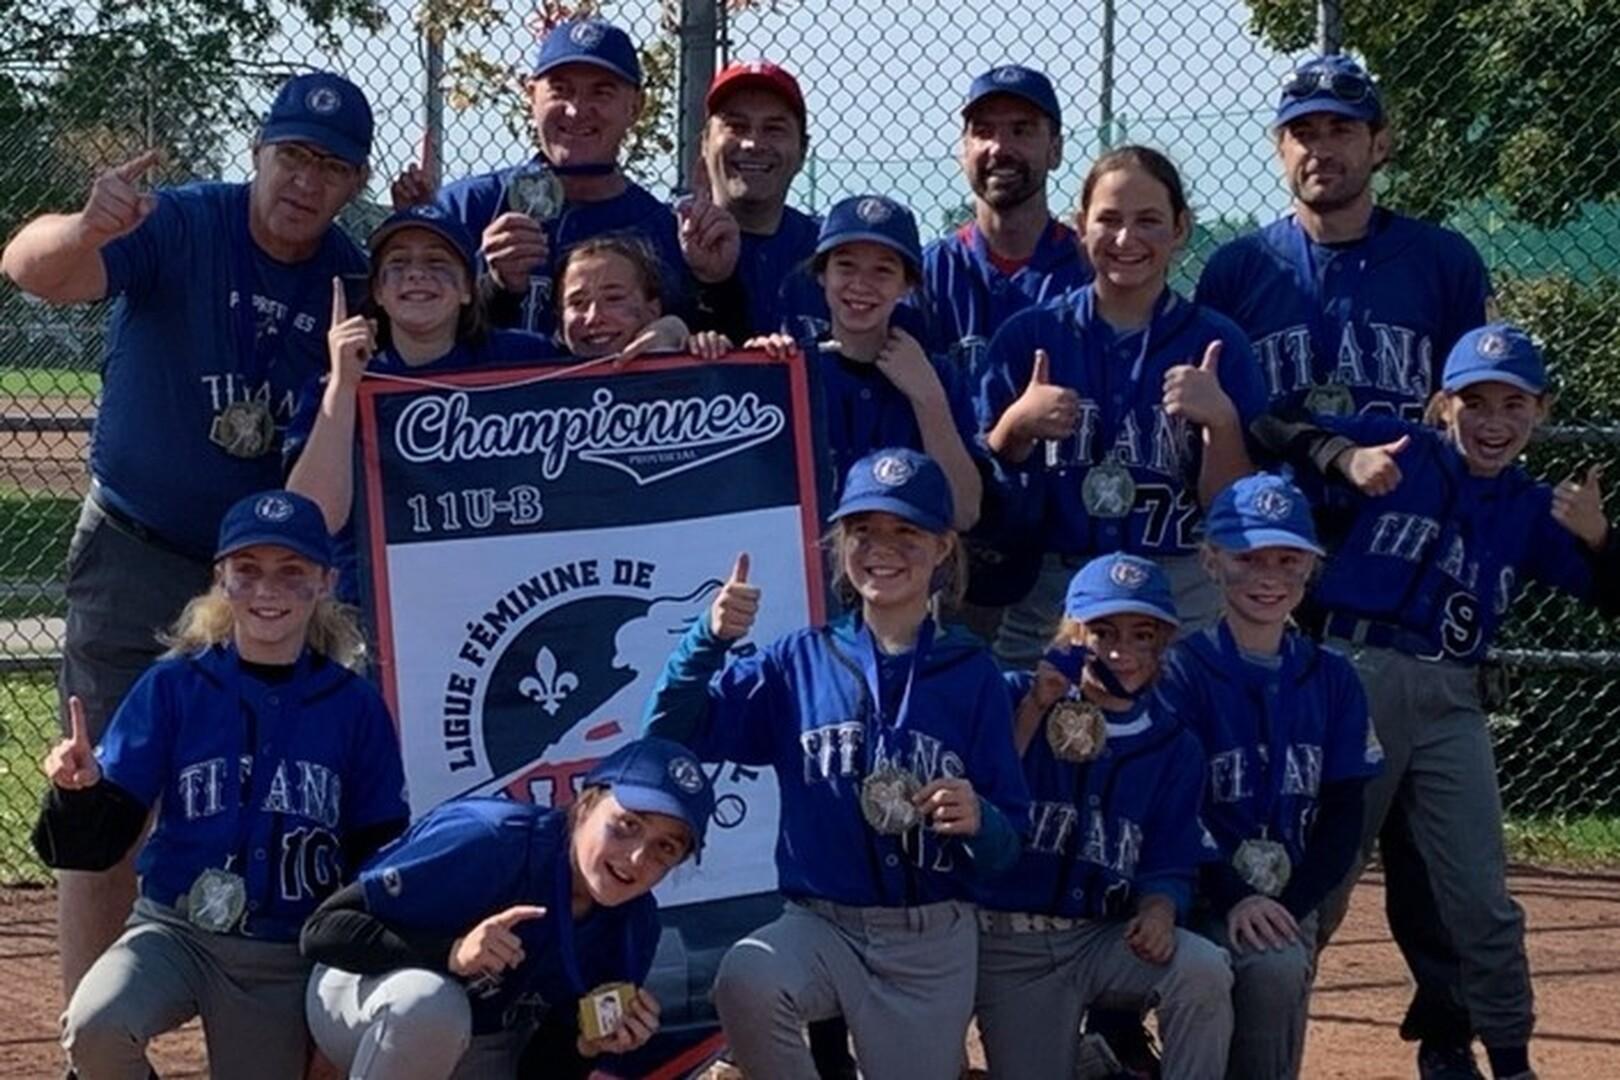 Championnes 11uB - LFBQ - Titans Bleues de Tétreautville